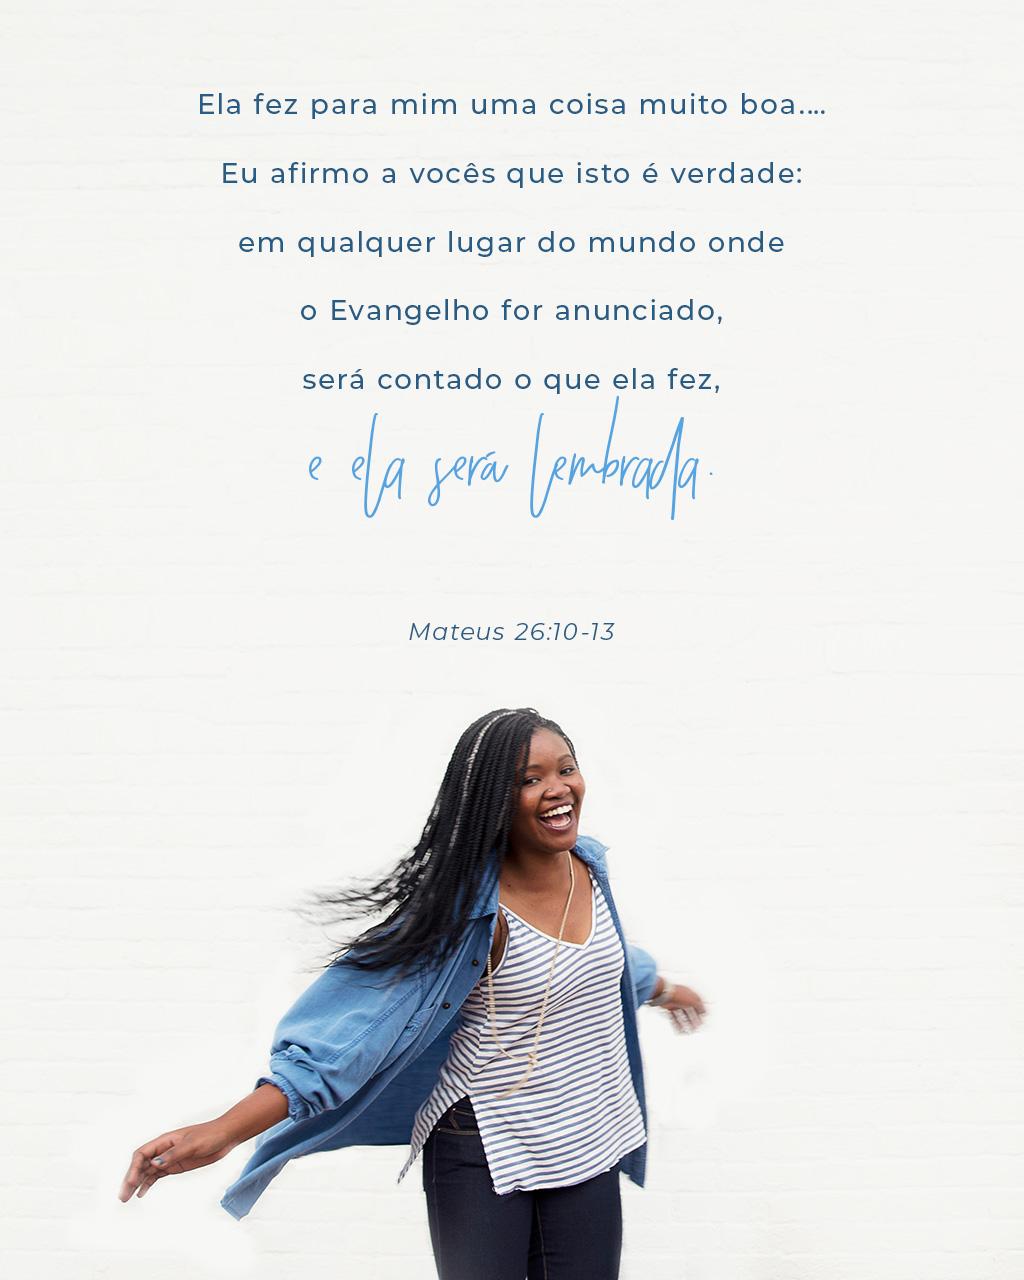 Imagem do Versículo de Mateus 26:10-13